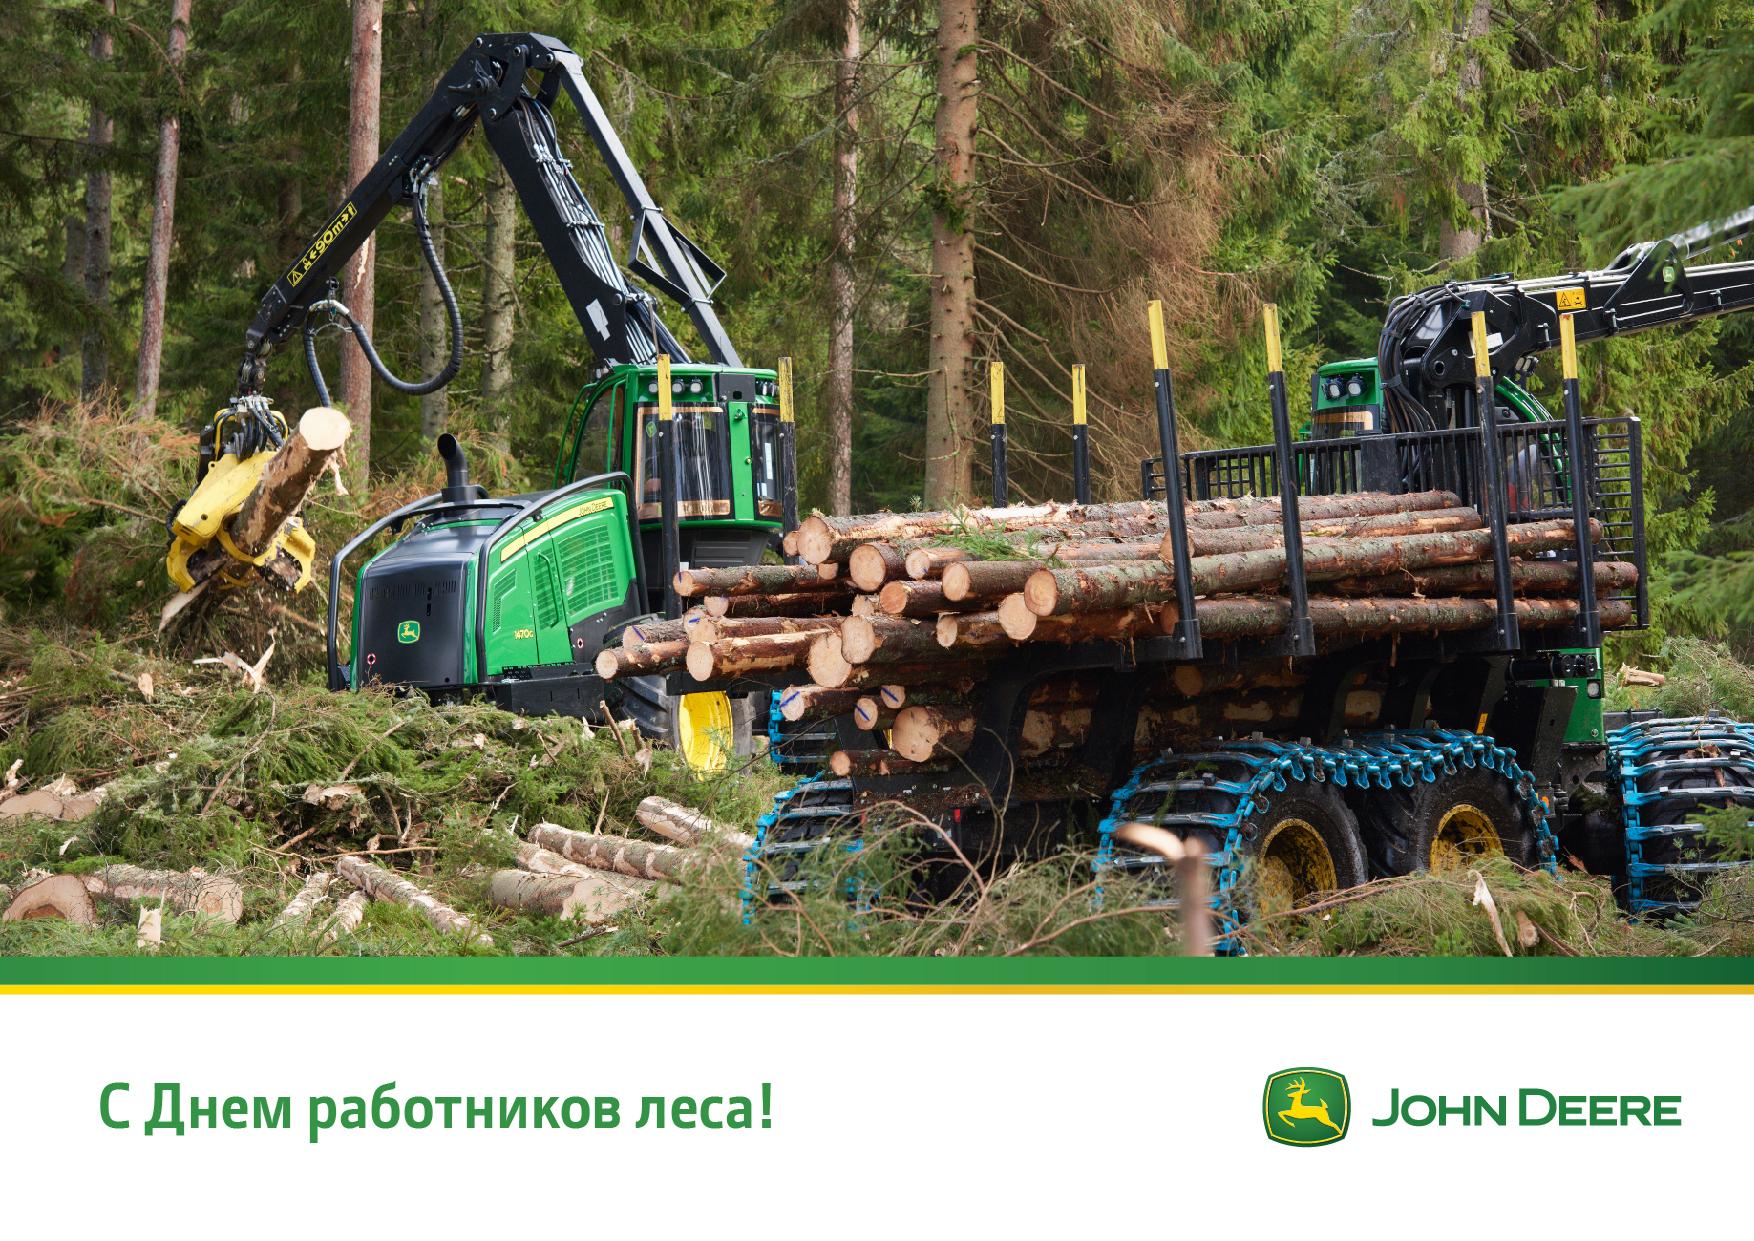 Картинки надписями, поздравительные открытки с днем работников леса и лесоперерабатывающей промышленности